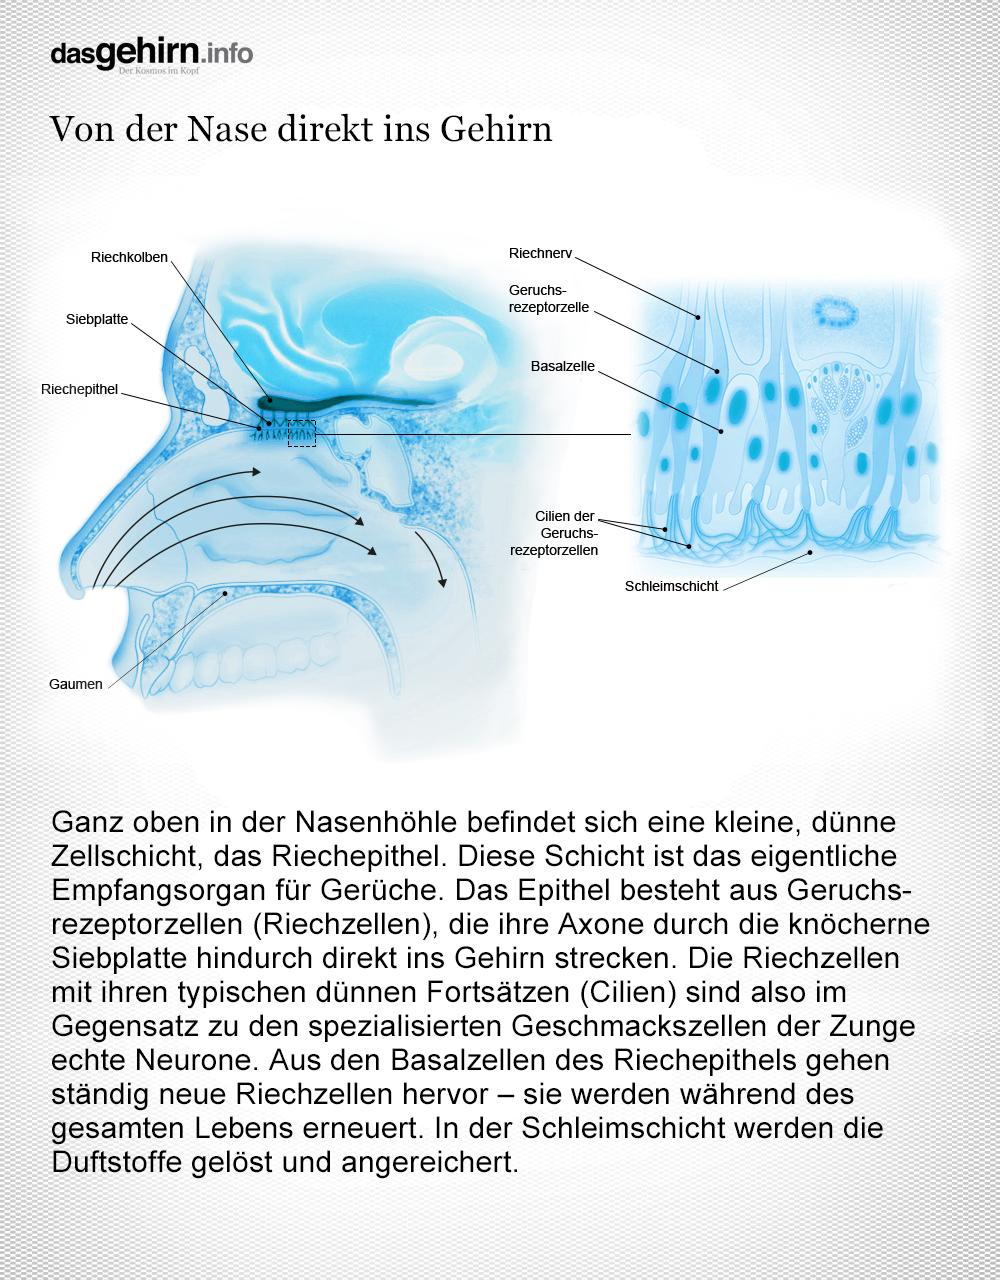 Mediathek - Bild | Riechen: Von der Nase direkt ins Gehirn